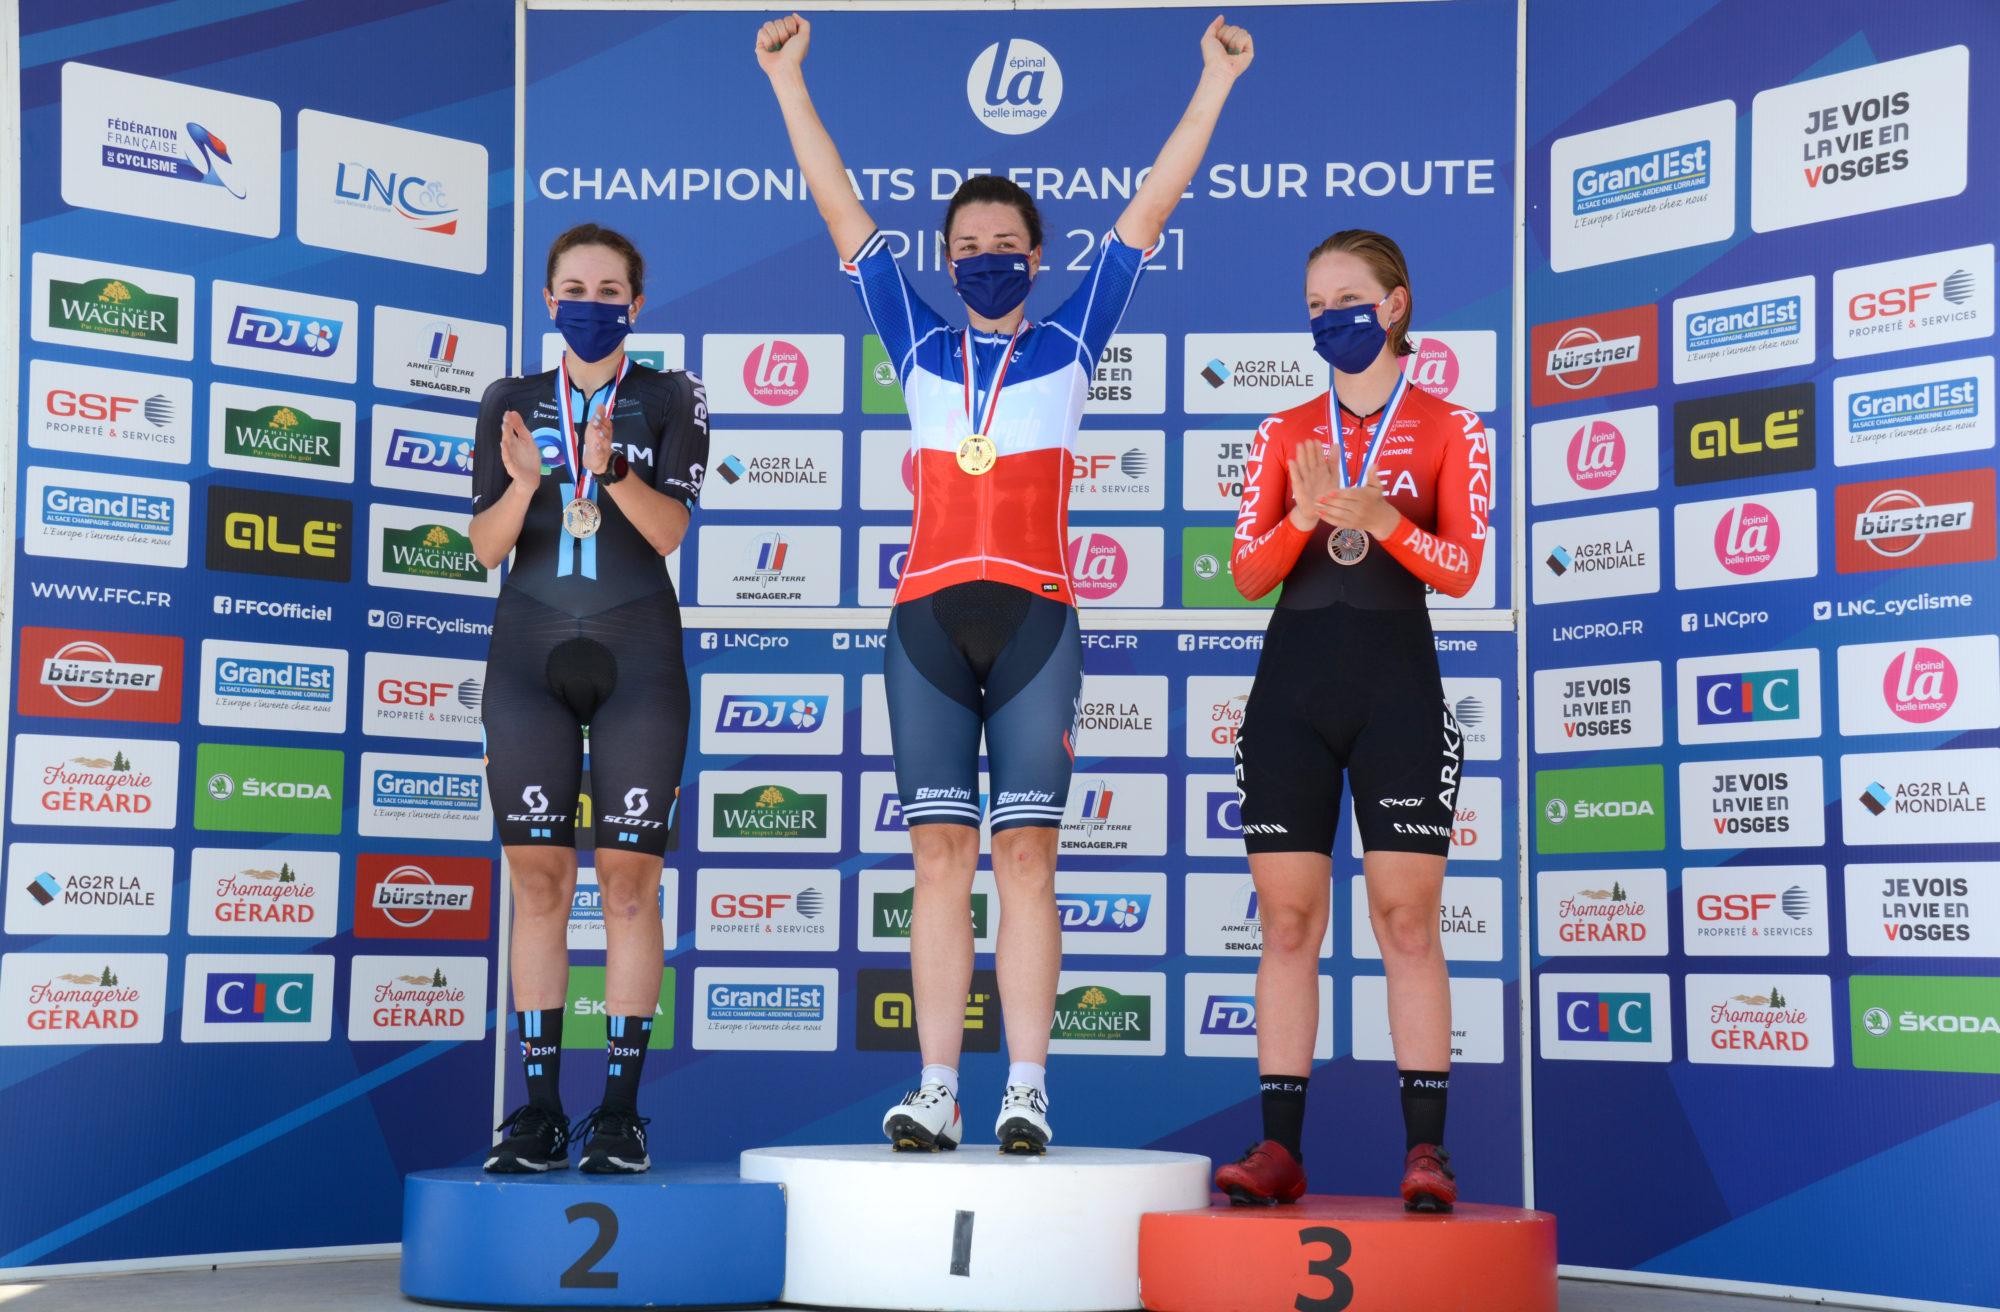 Championnats de France de cyclisme sur route : retour en images sur 4 jours d'épreuves et d'émotions